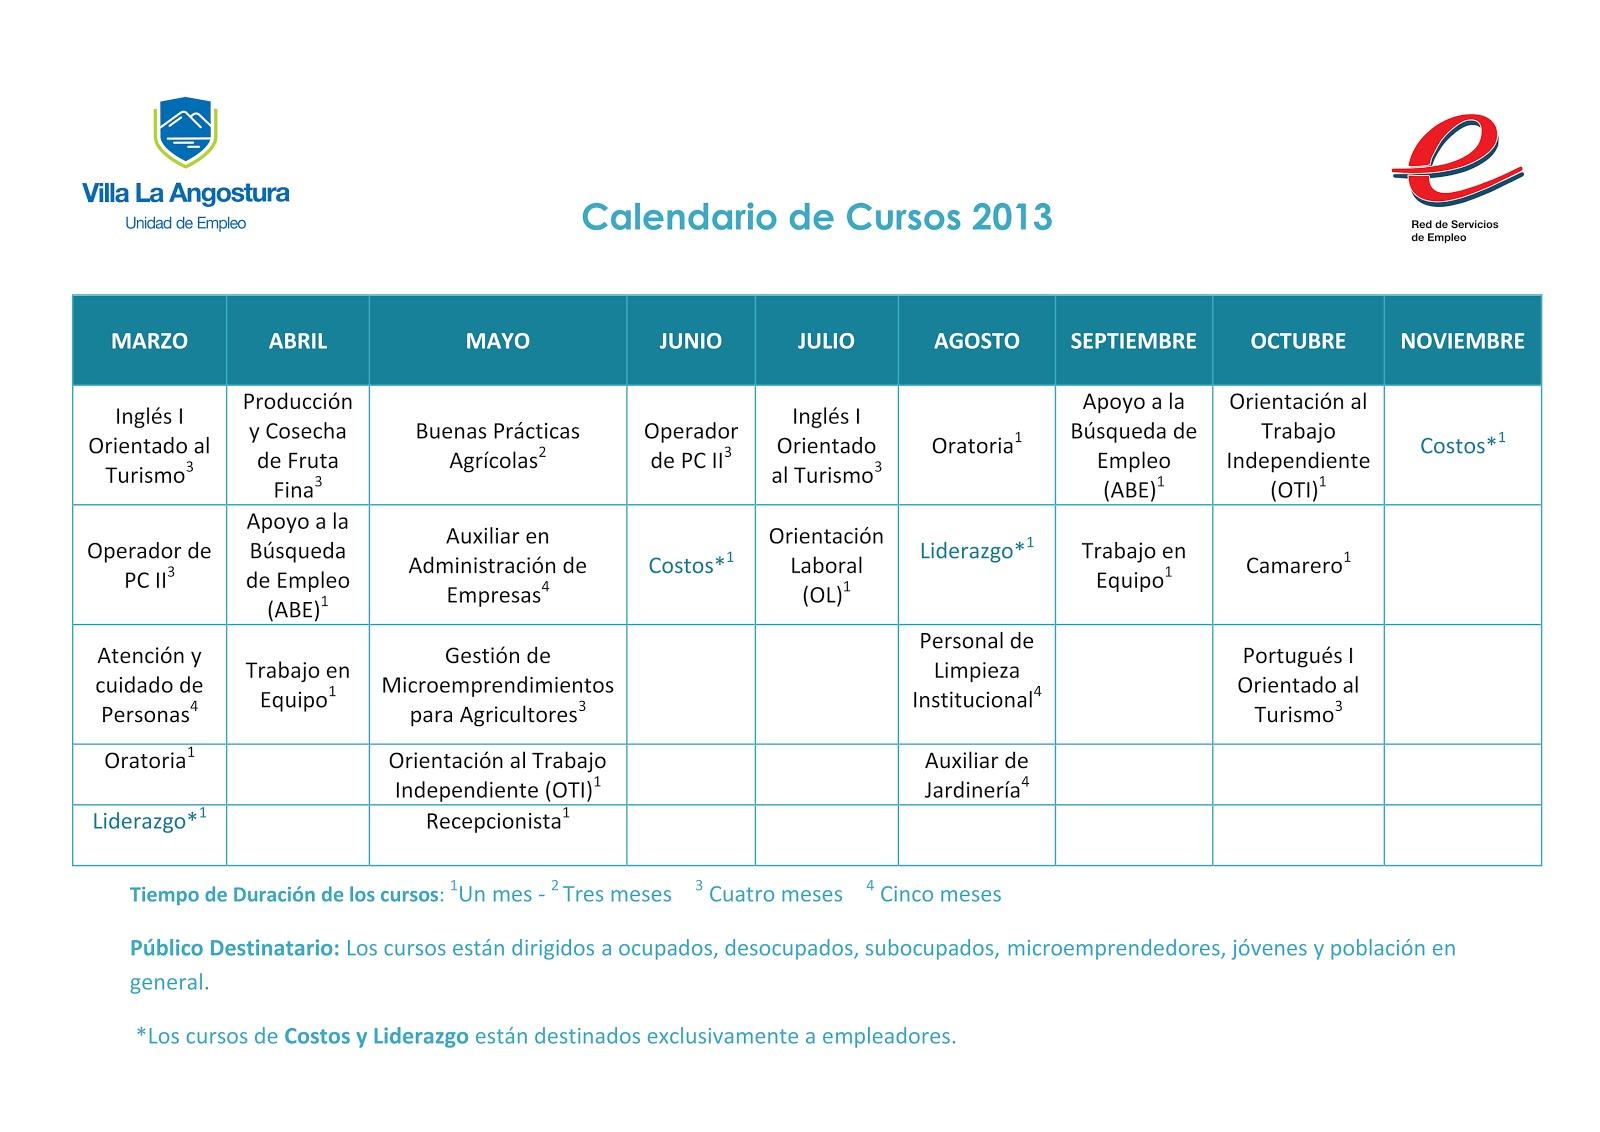 Oficina de empleo villa la angostura calendario de for Oficina de empleo cursos